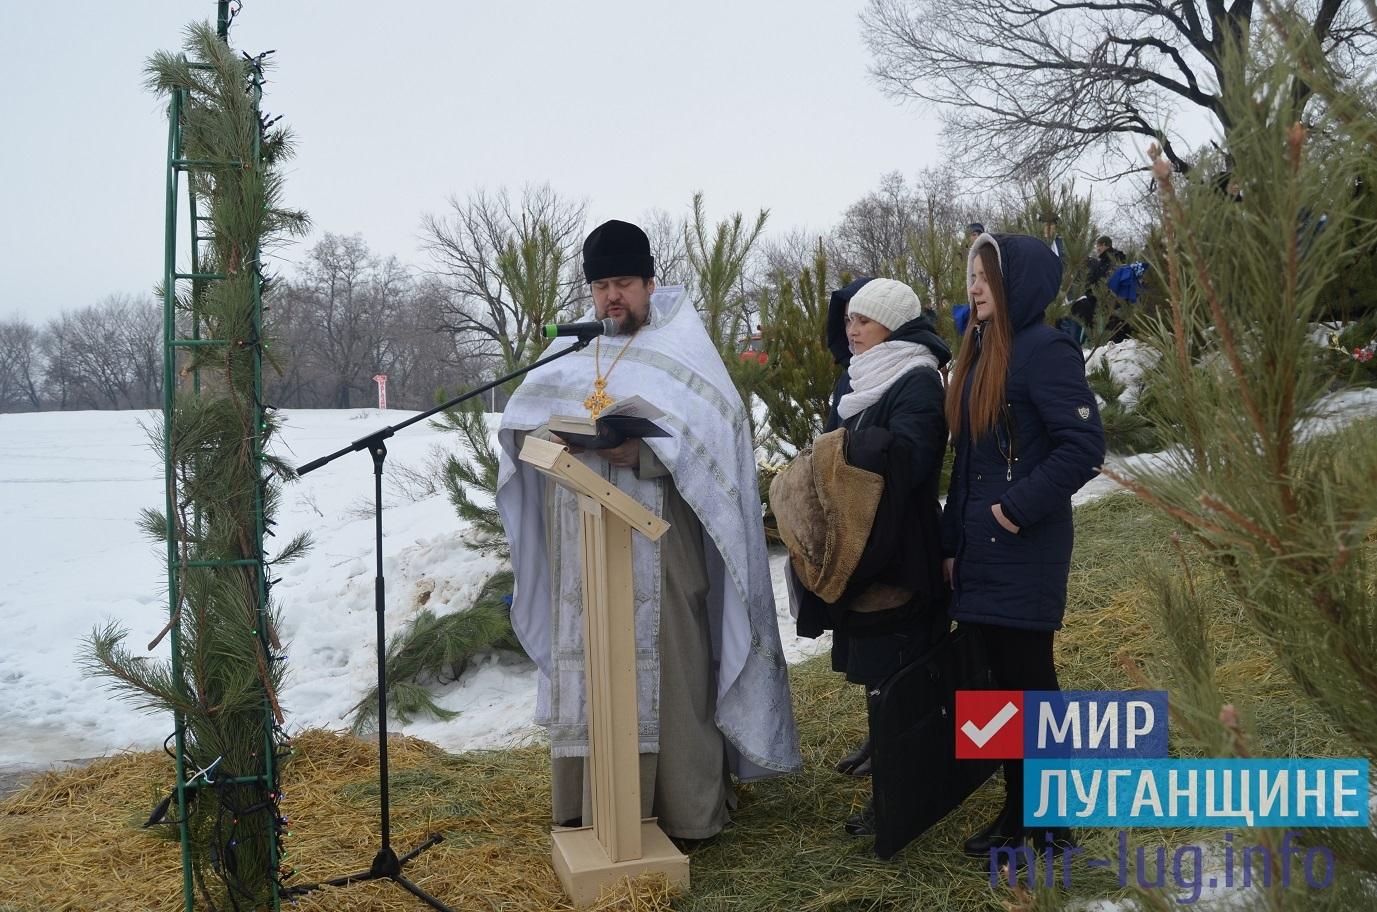 Крещенские купания прошли по всей территории ЛНР 1